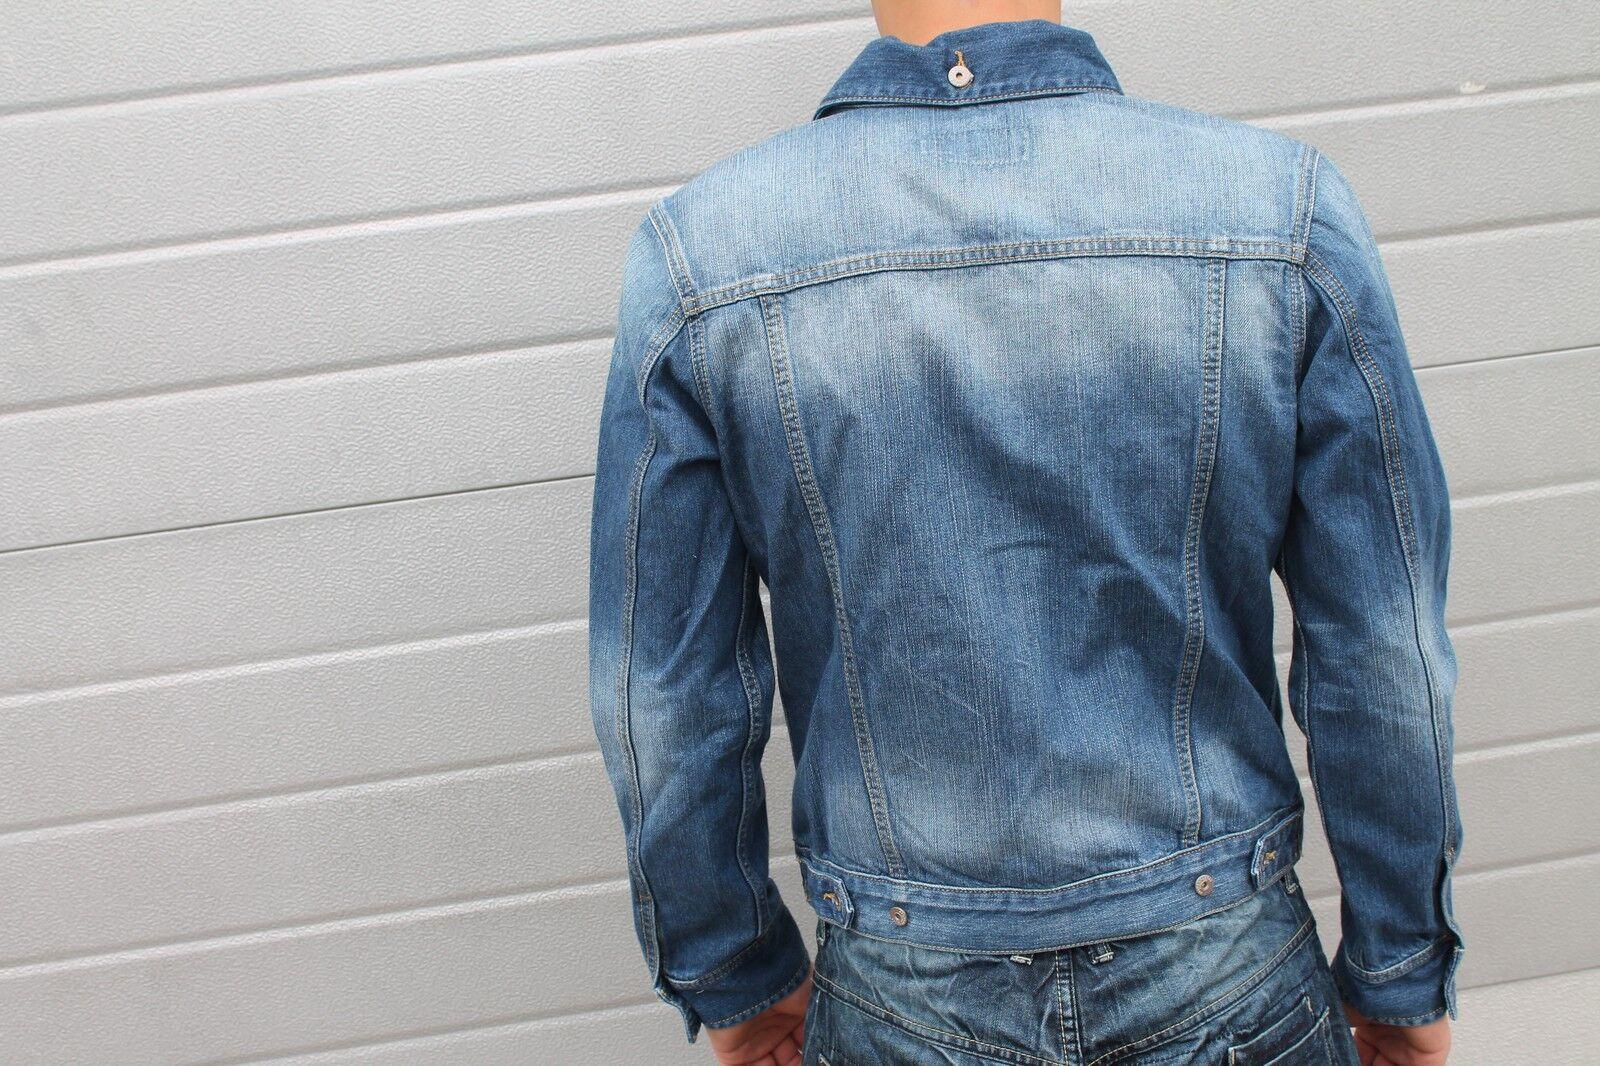 Arqueonautas Arqueonautas Arqueonautas Giacca Jeans Sweatjacke Blu Scuro Giacca Nuovo 30e0fa